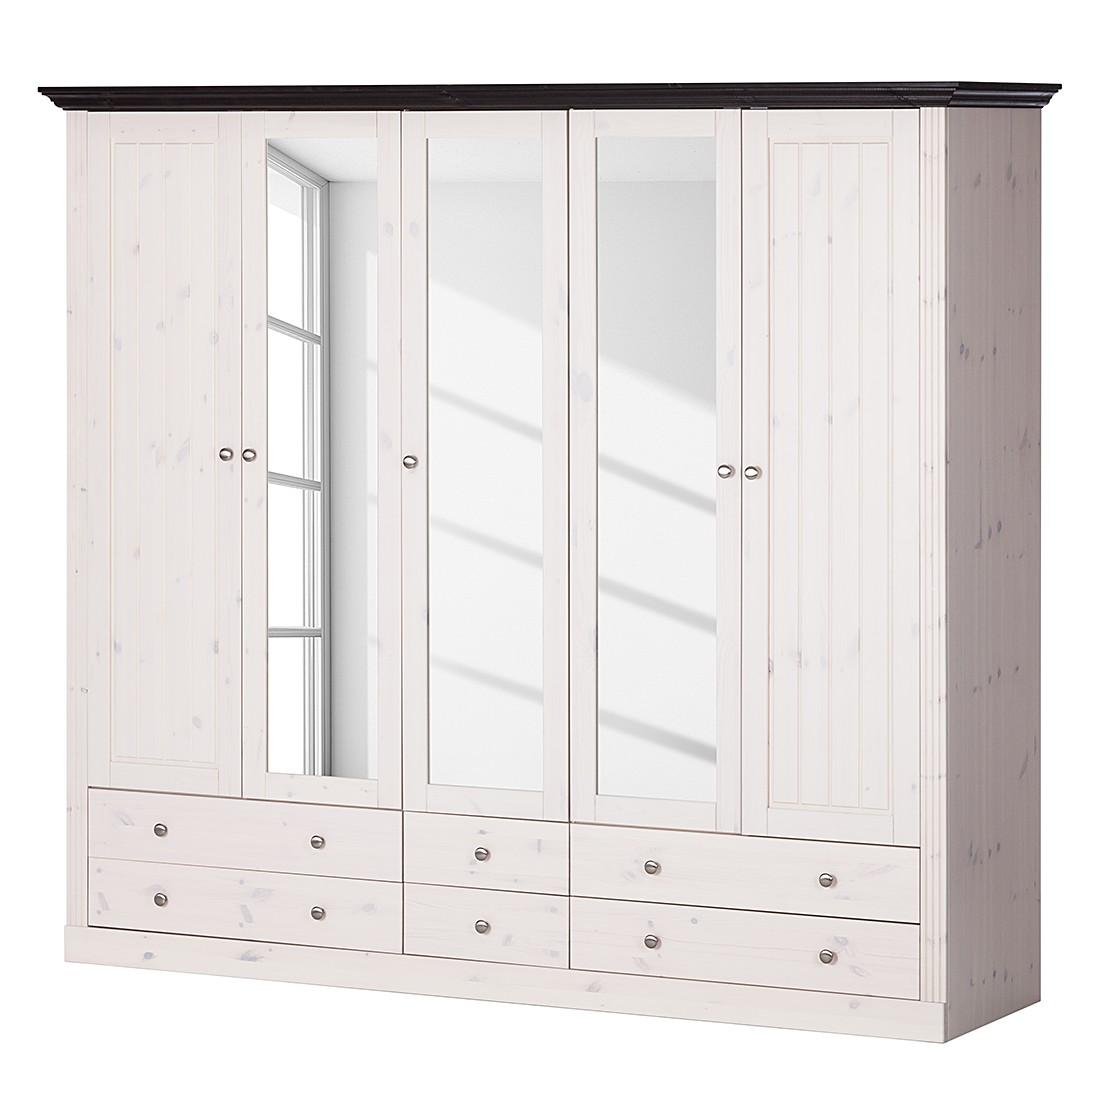 goedkoop Kledingkast Lyngby I massief grenenhout wit steengrijs Wit wengéhout Maison Belfort